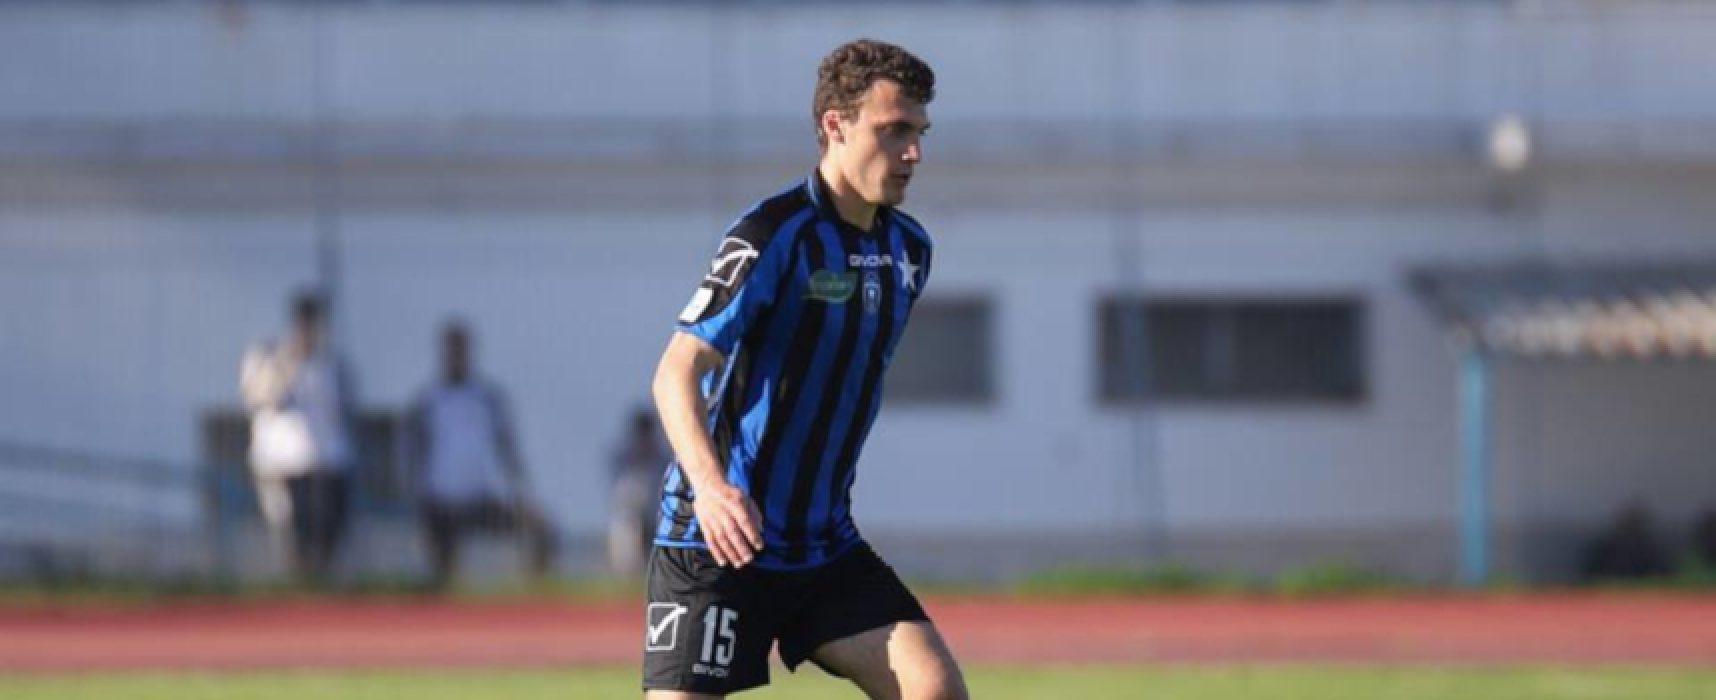 Al Bisceglie Calcio non basta Longo, il Catania rimonta nel finale